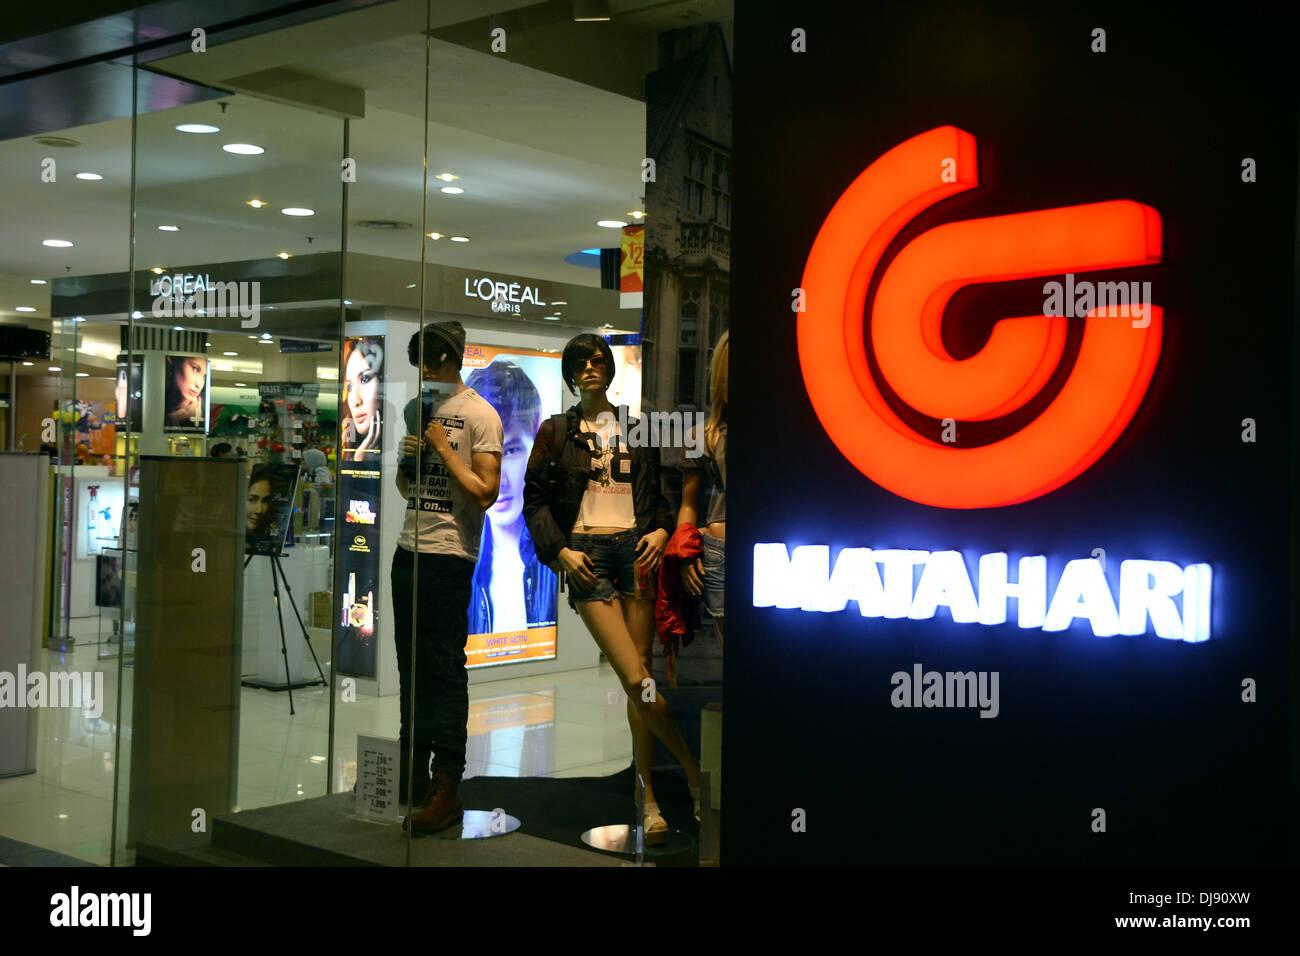 Matahari Dept Store (@MatahariDS) | Twitter